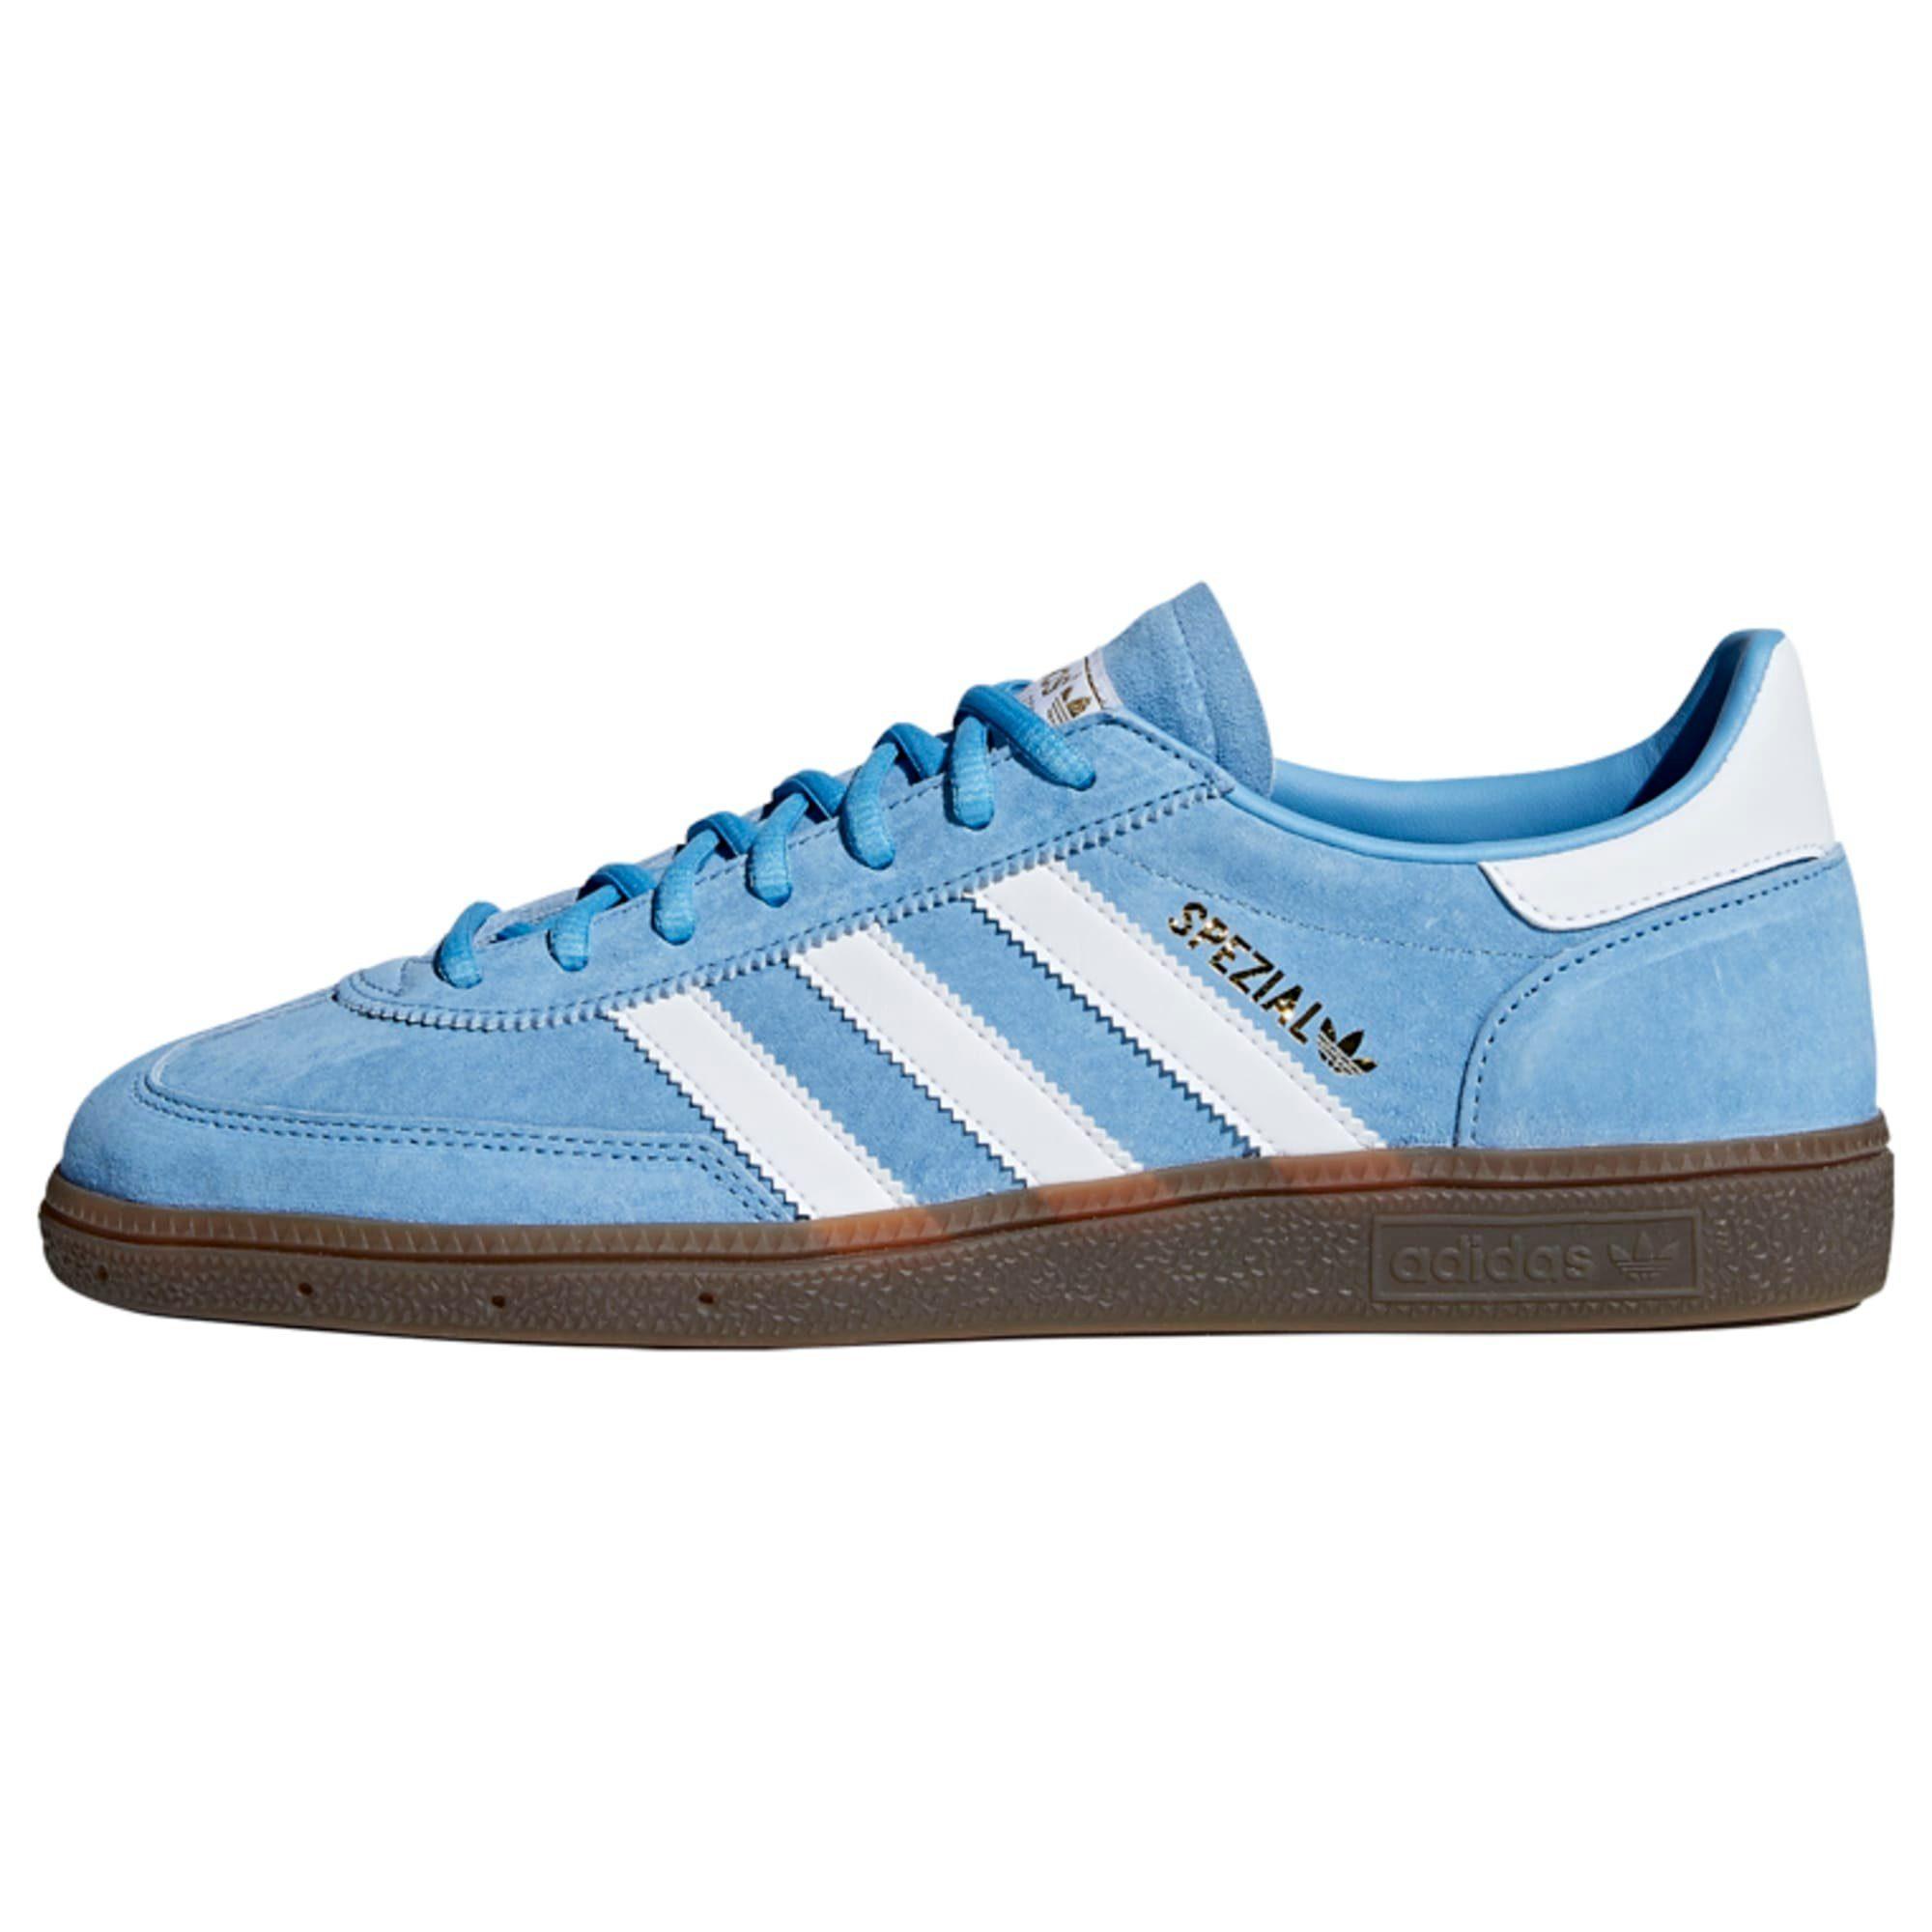 adidas Originals »Handball Spezial Schuh« Trainingsschuh Sneaker online kaufen | OTTO